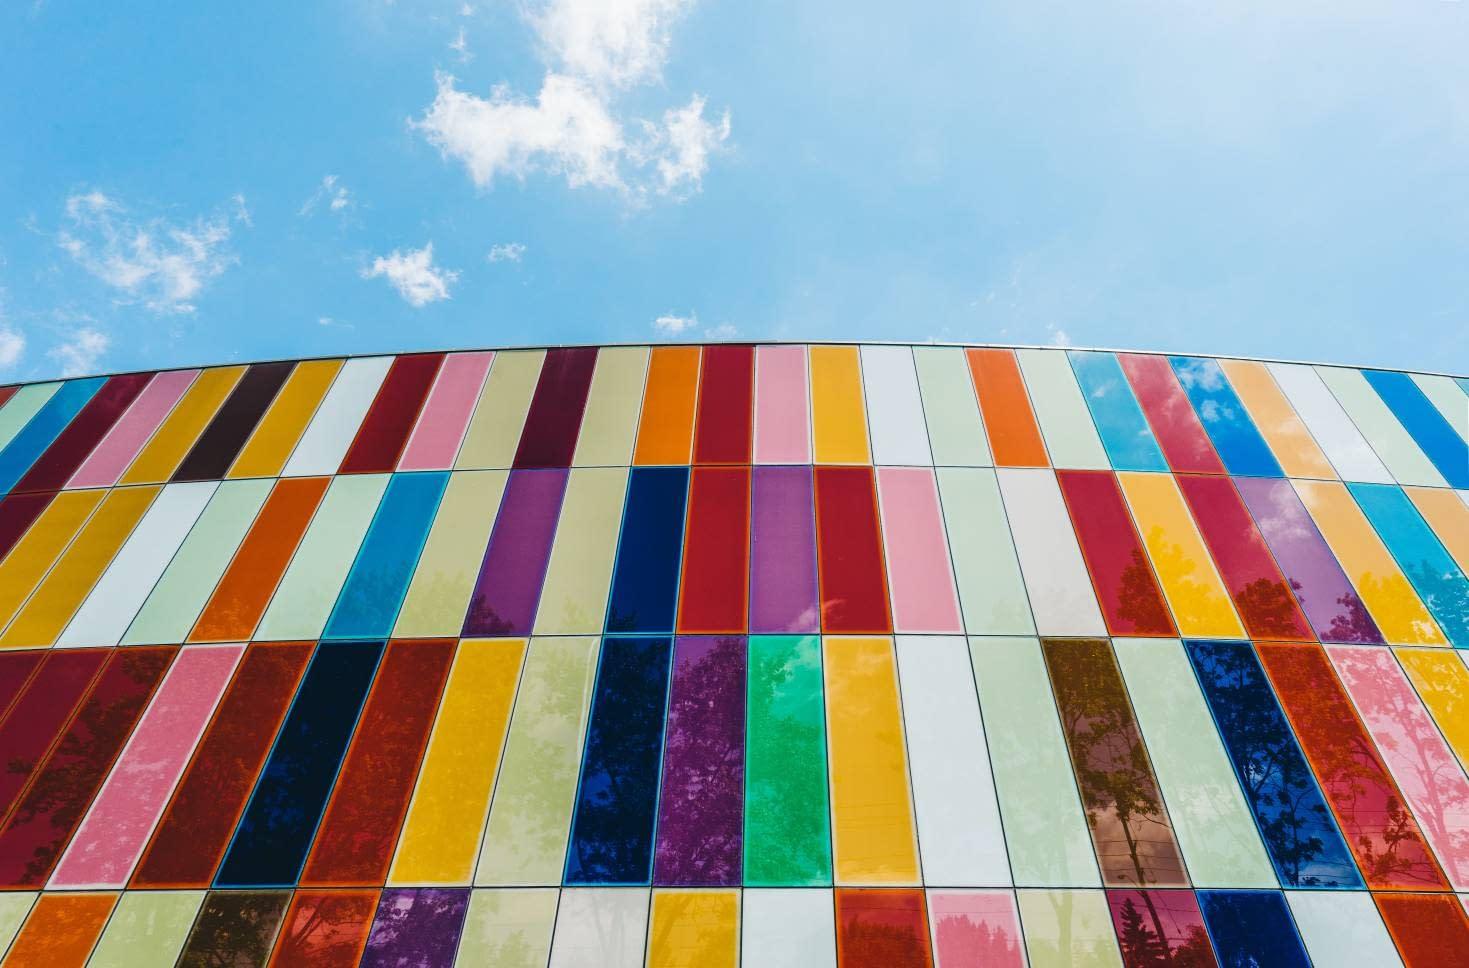 colourful facade cladding by fassco